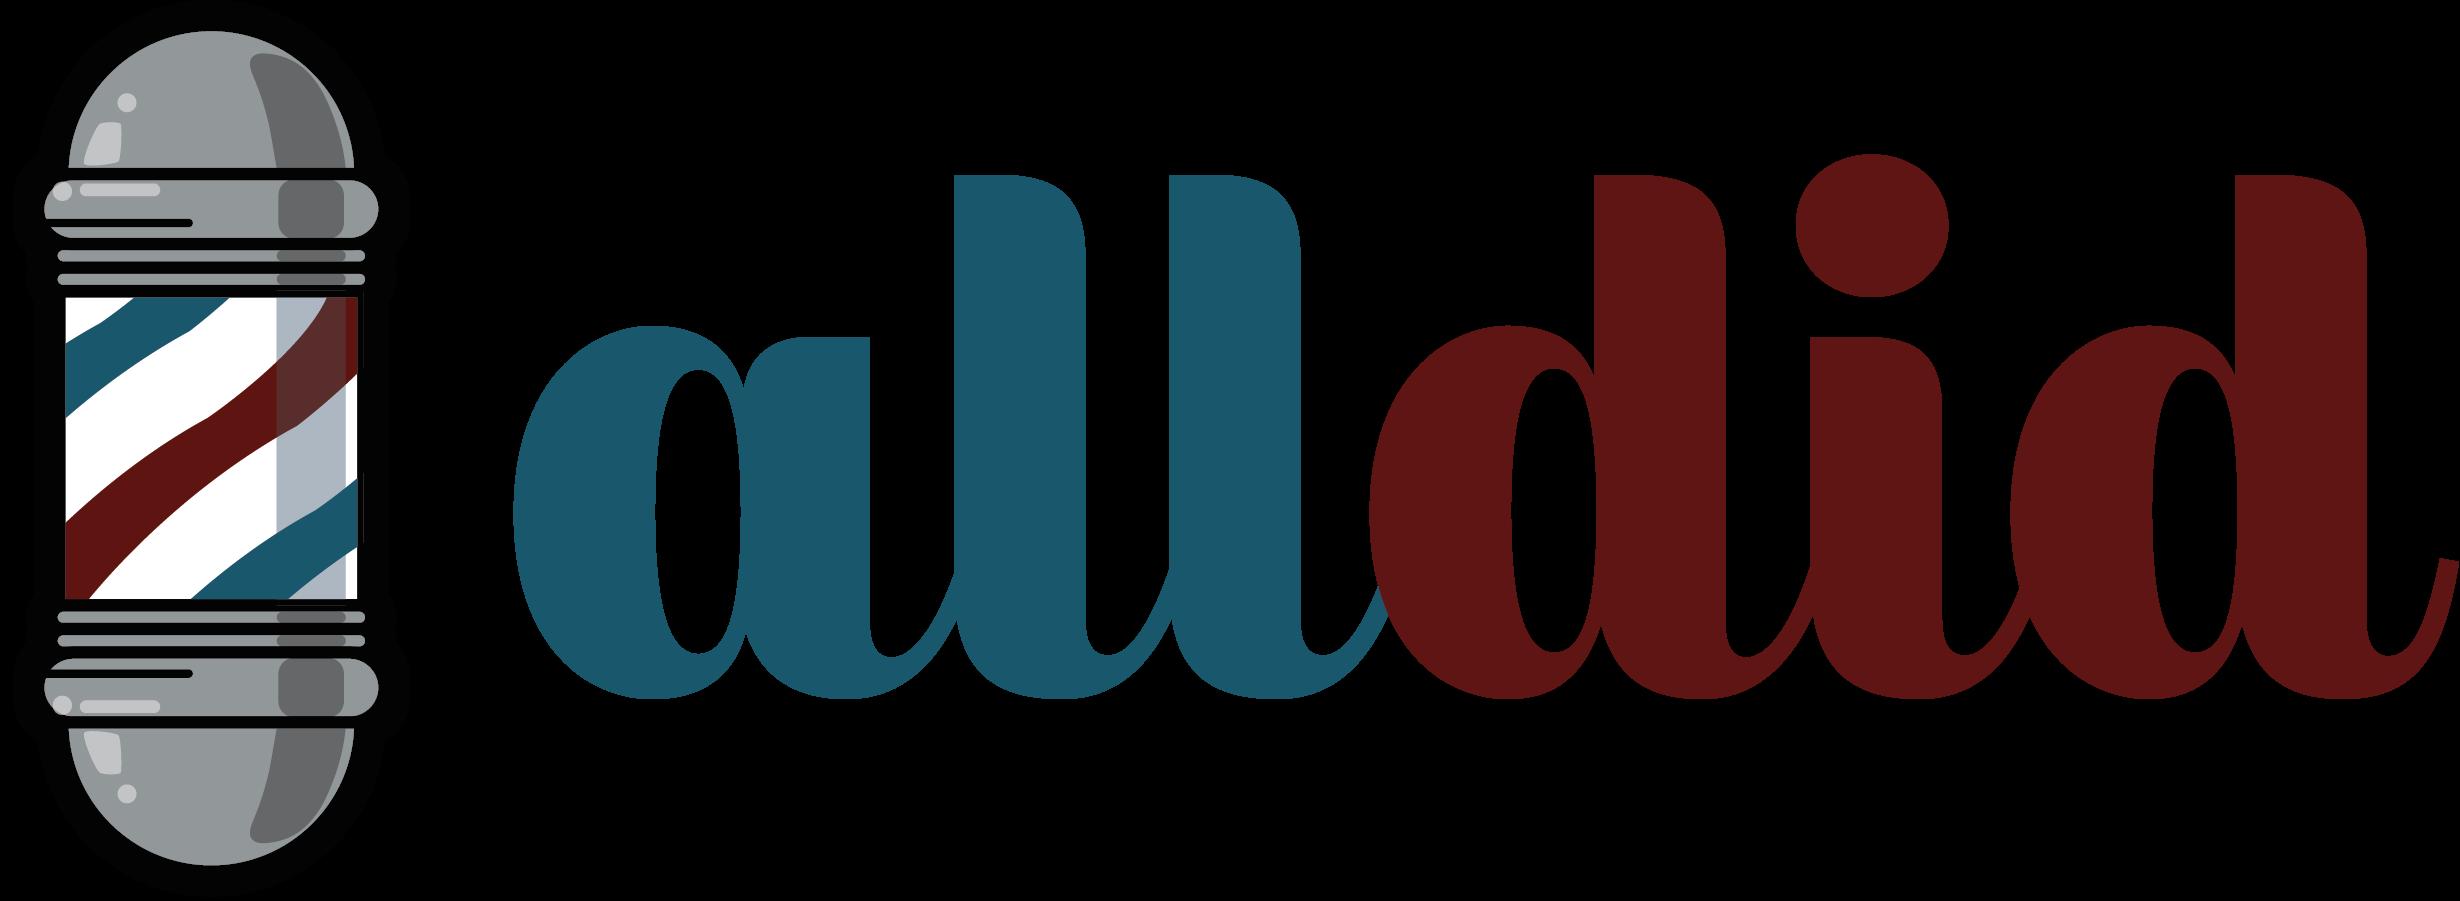 Alldid logo